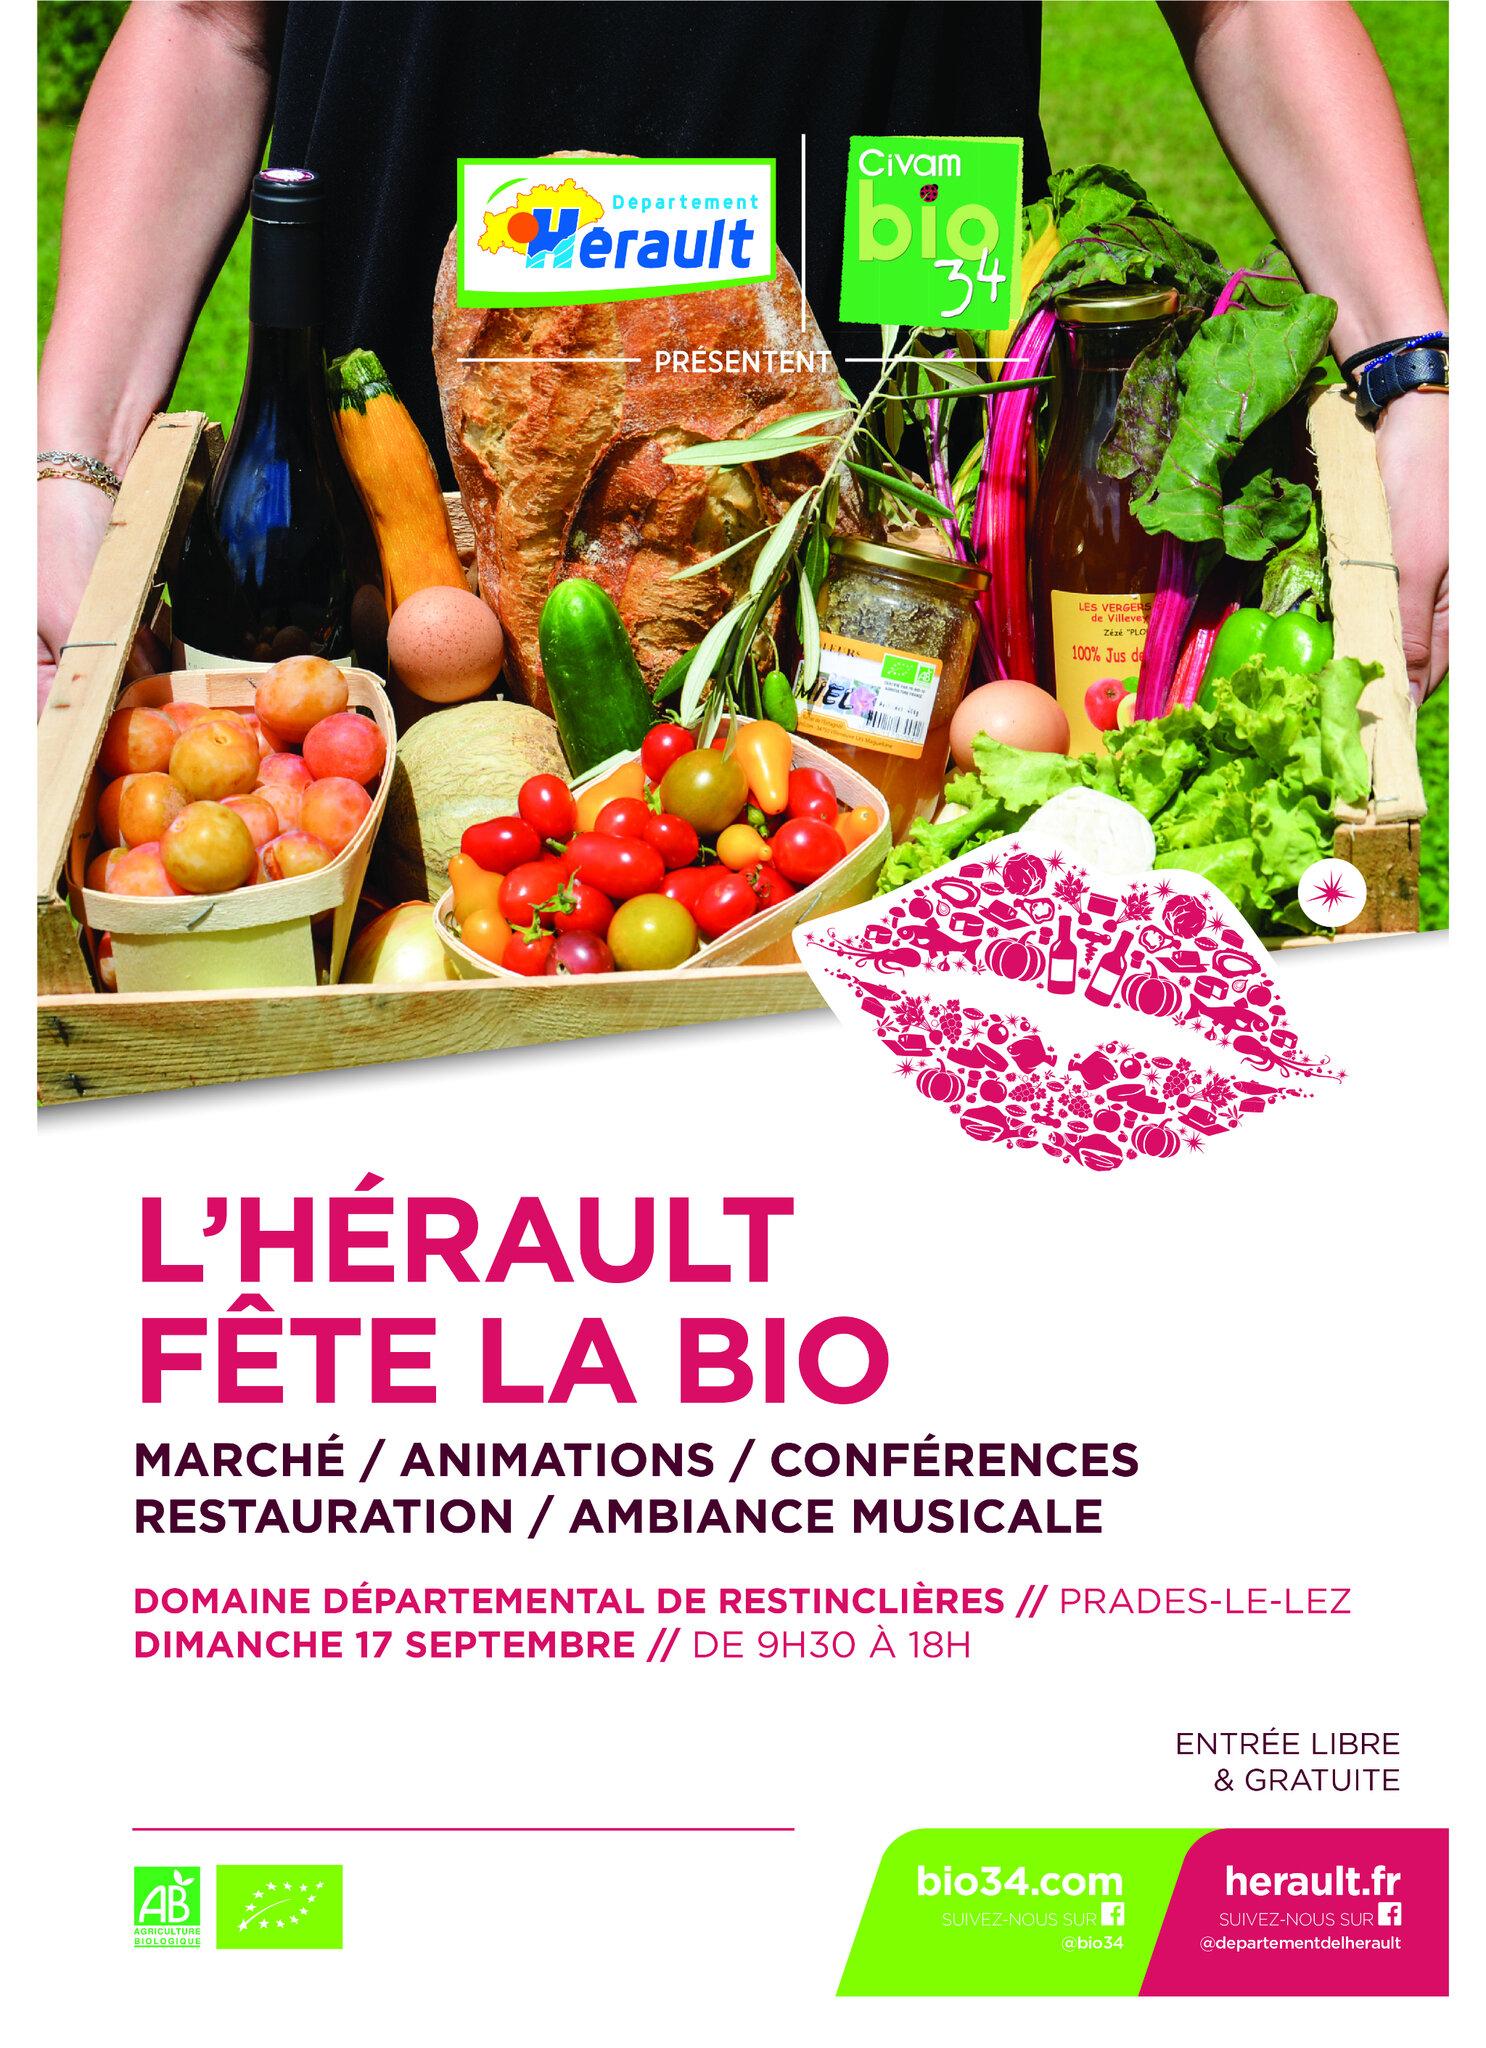 Retrouvez Les Jardins De Tara dimanche 17 septembre à Prades le Lez pour la 7ème édition de l'Hérault fête le bio (34)